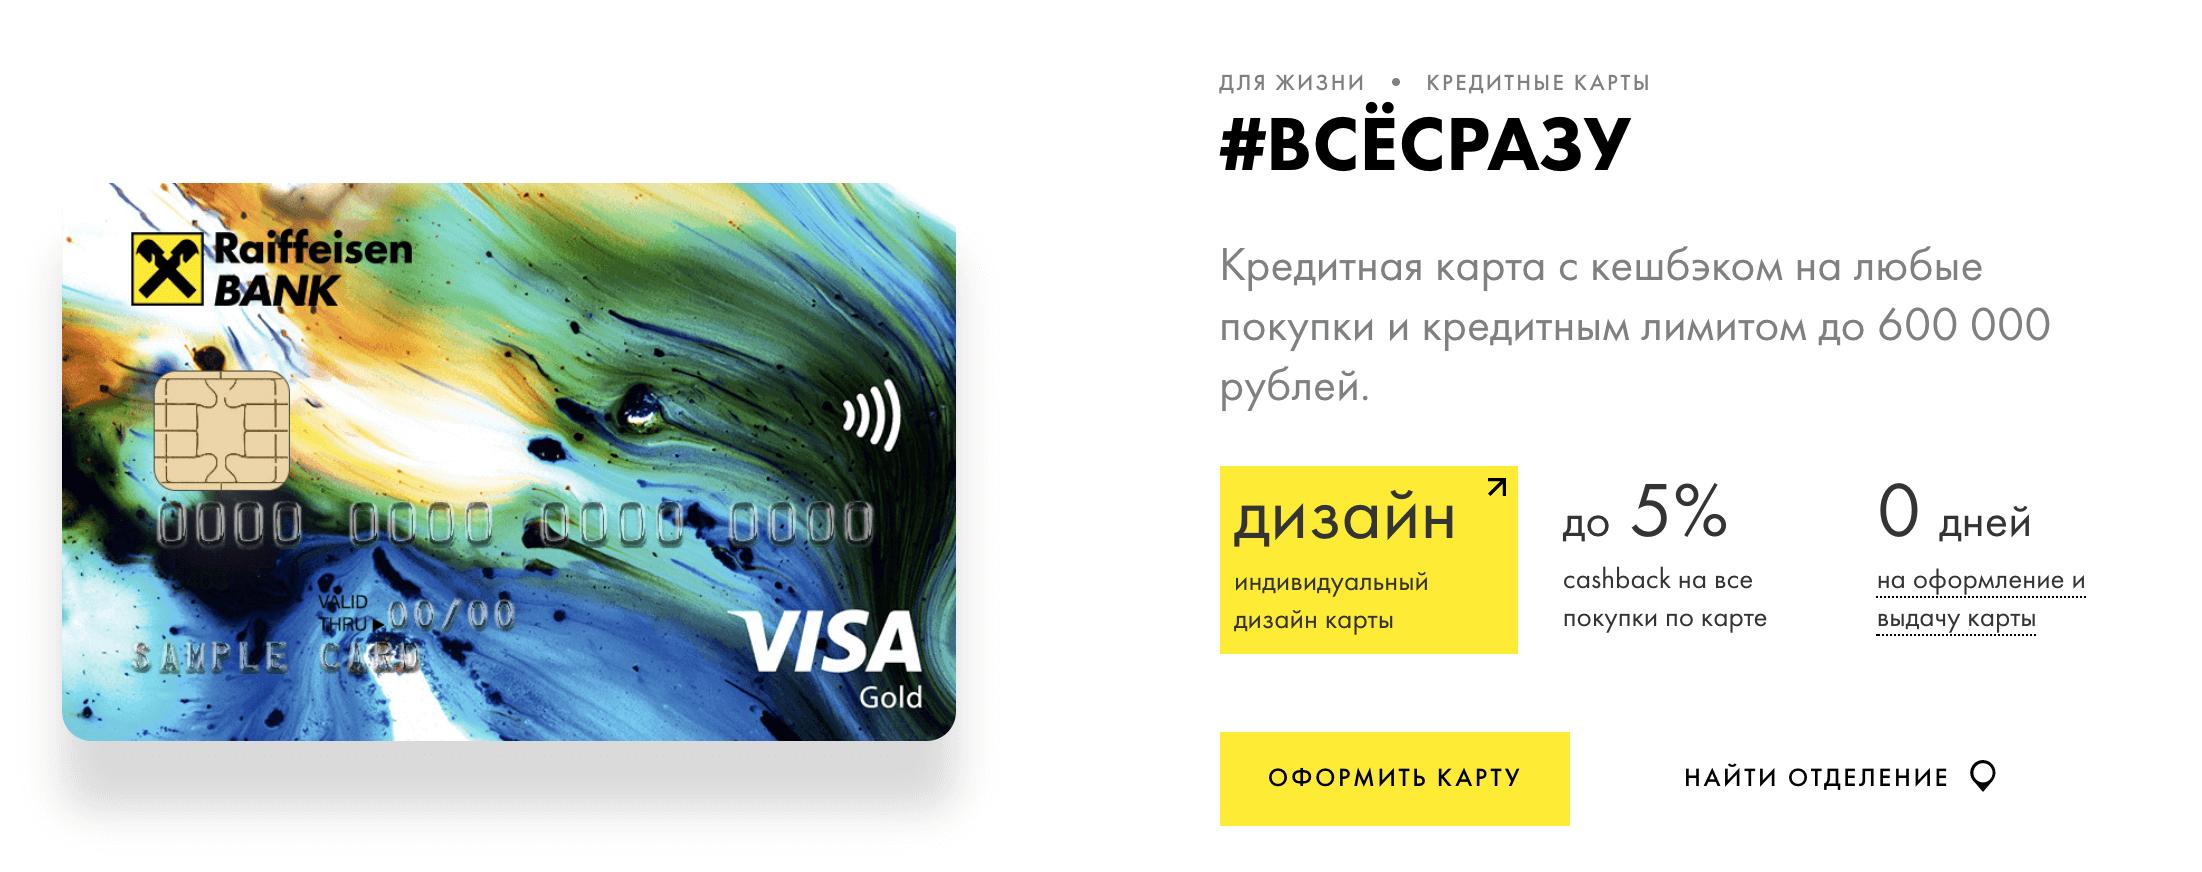 райффайзенбанк активация зарплатной карты онлайн